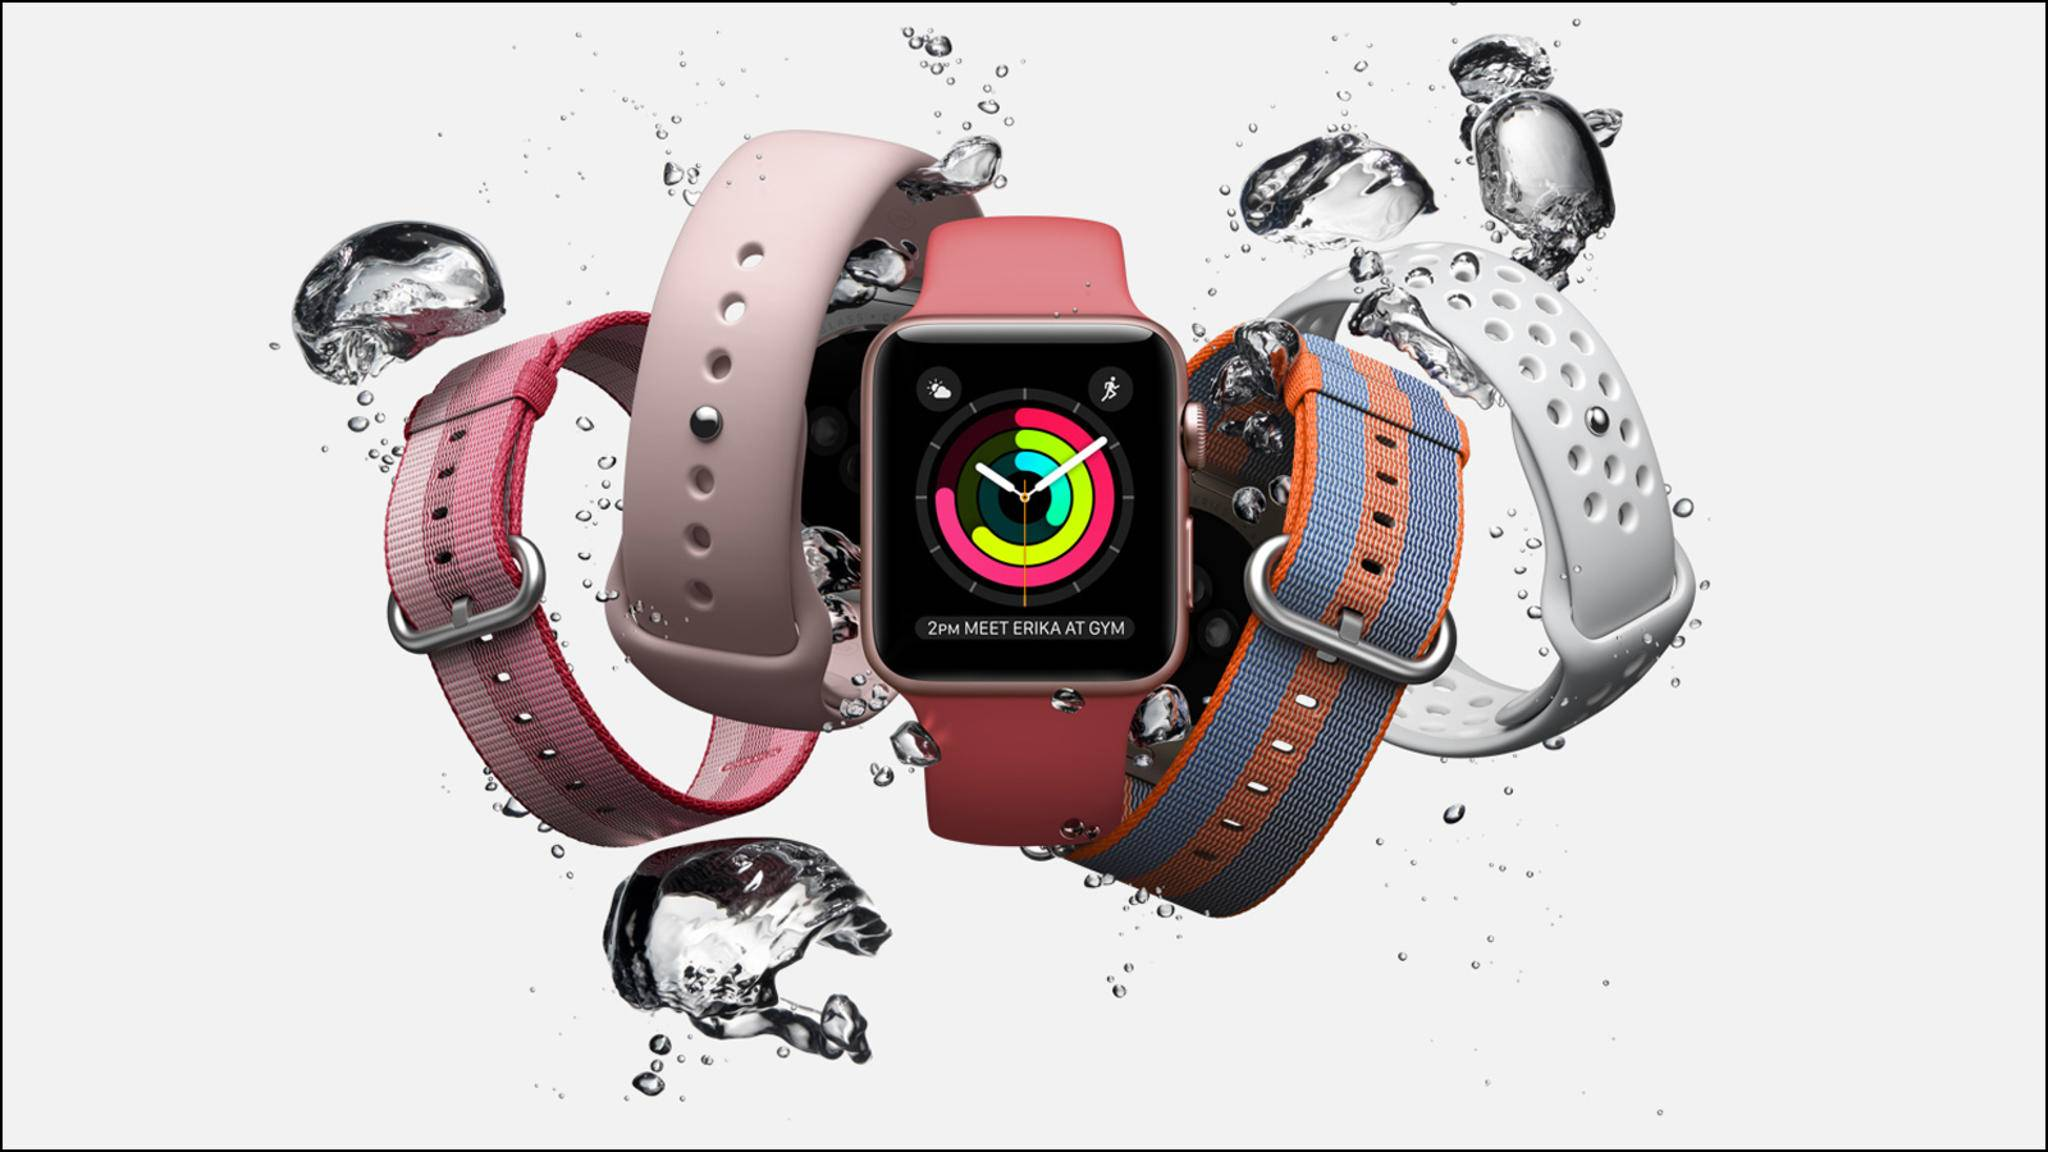 Die Apple Watch Series 2 hat sich gut verkauft und zum Erfolg von Apple beigetragen.